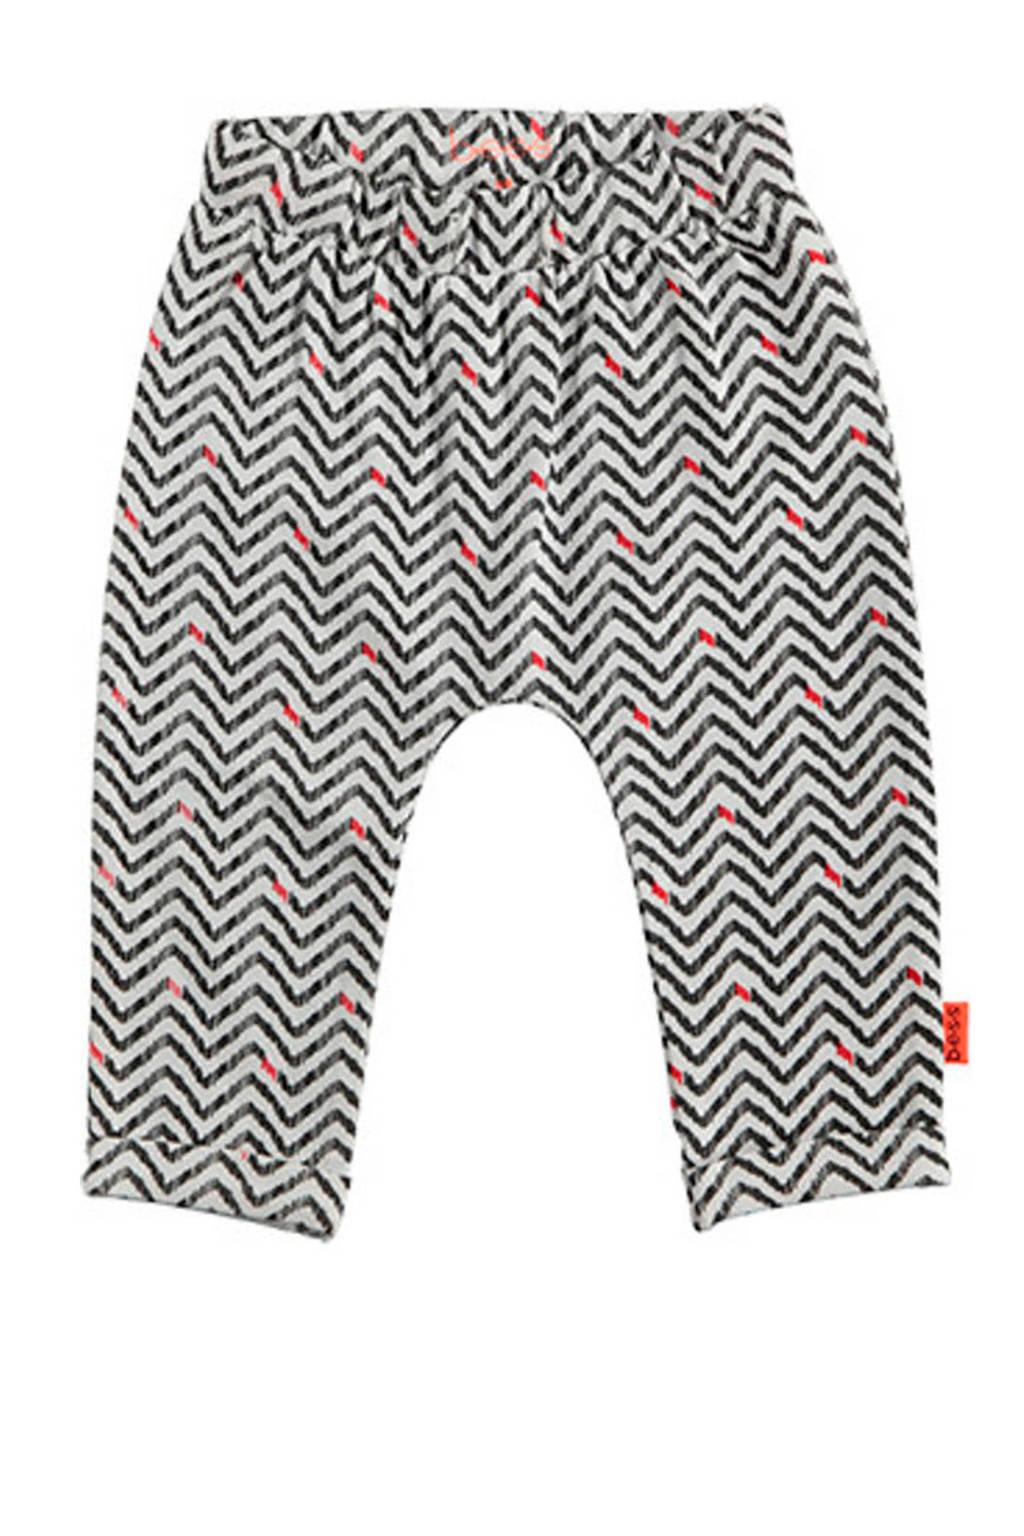 B.E.S.S baby broek met all over print zwart/wit/fluor oranje, Zwart/wit/fluor oranje